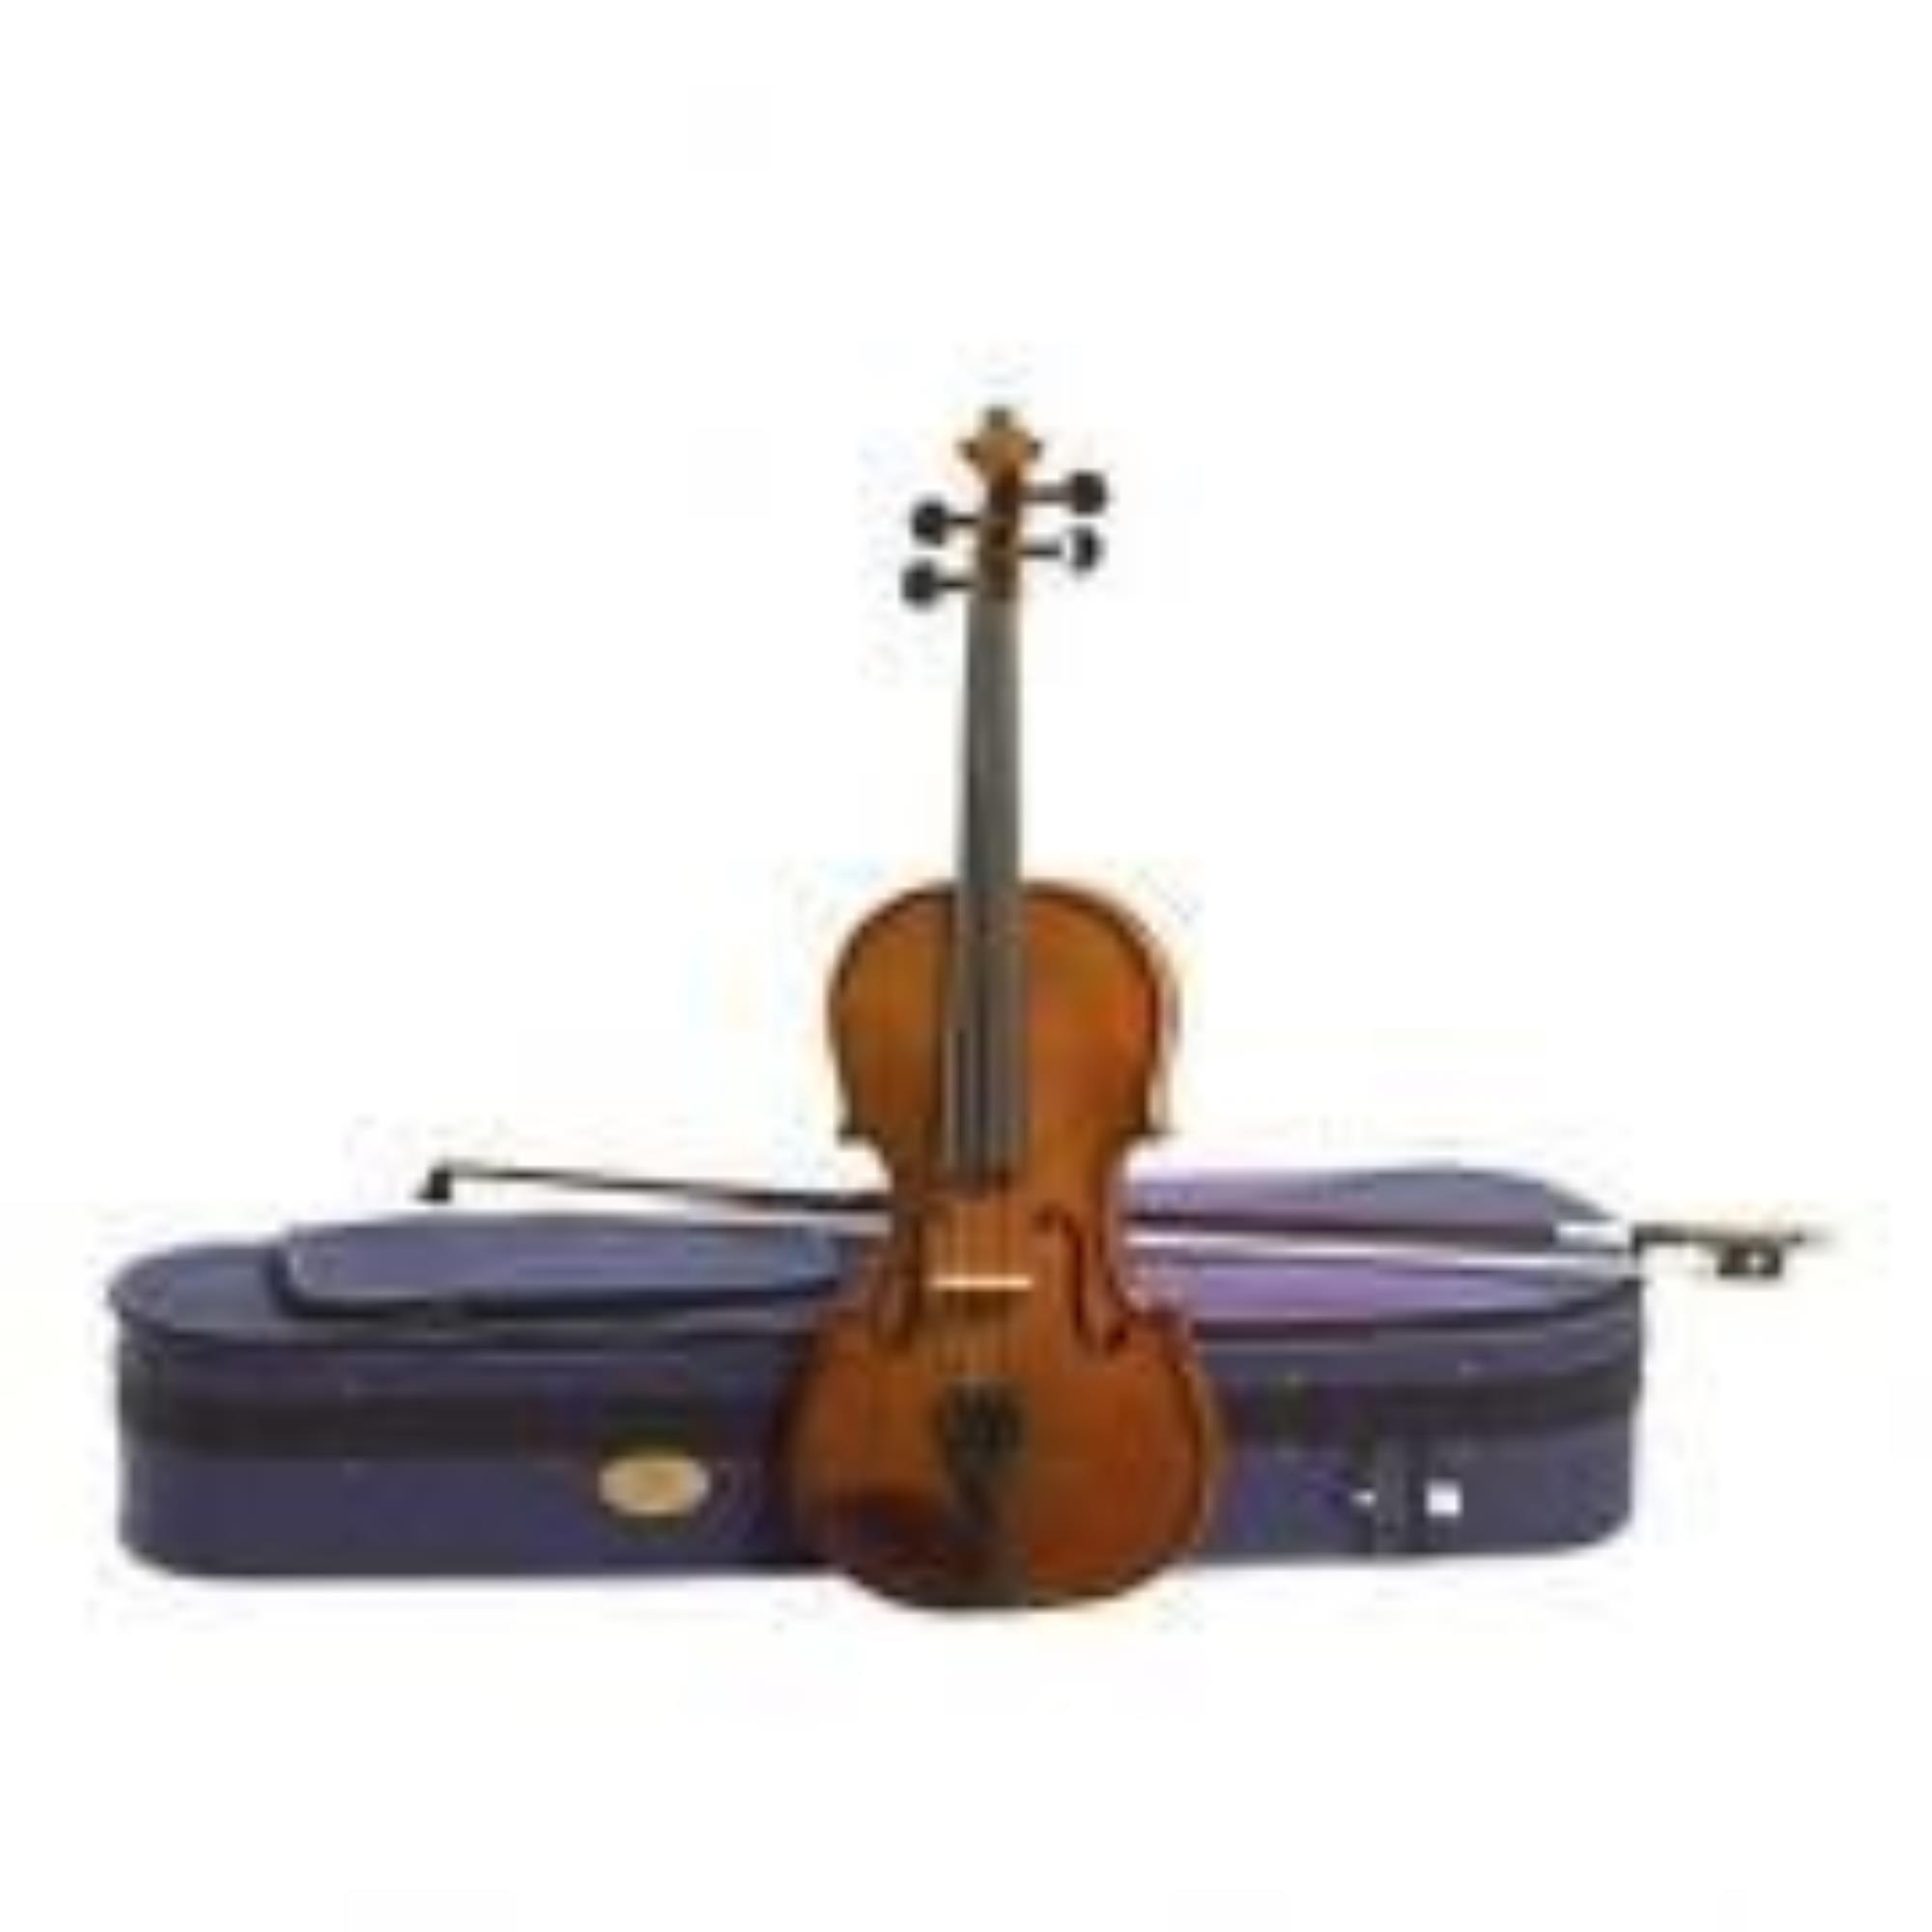 EKO-EBV-1410-violino-1-2-sku-24587